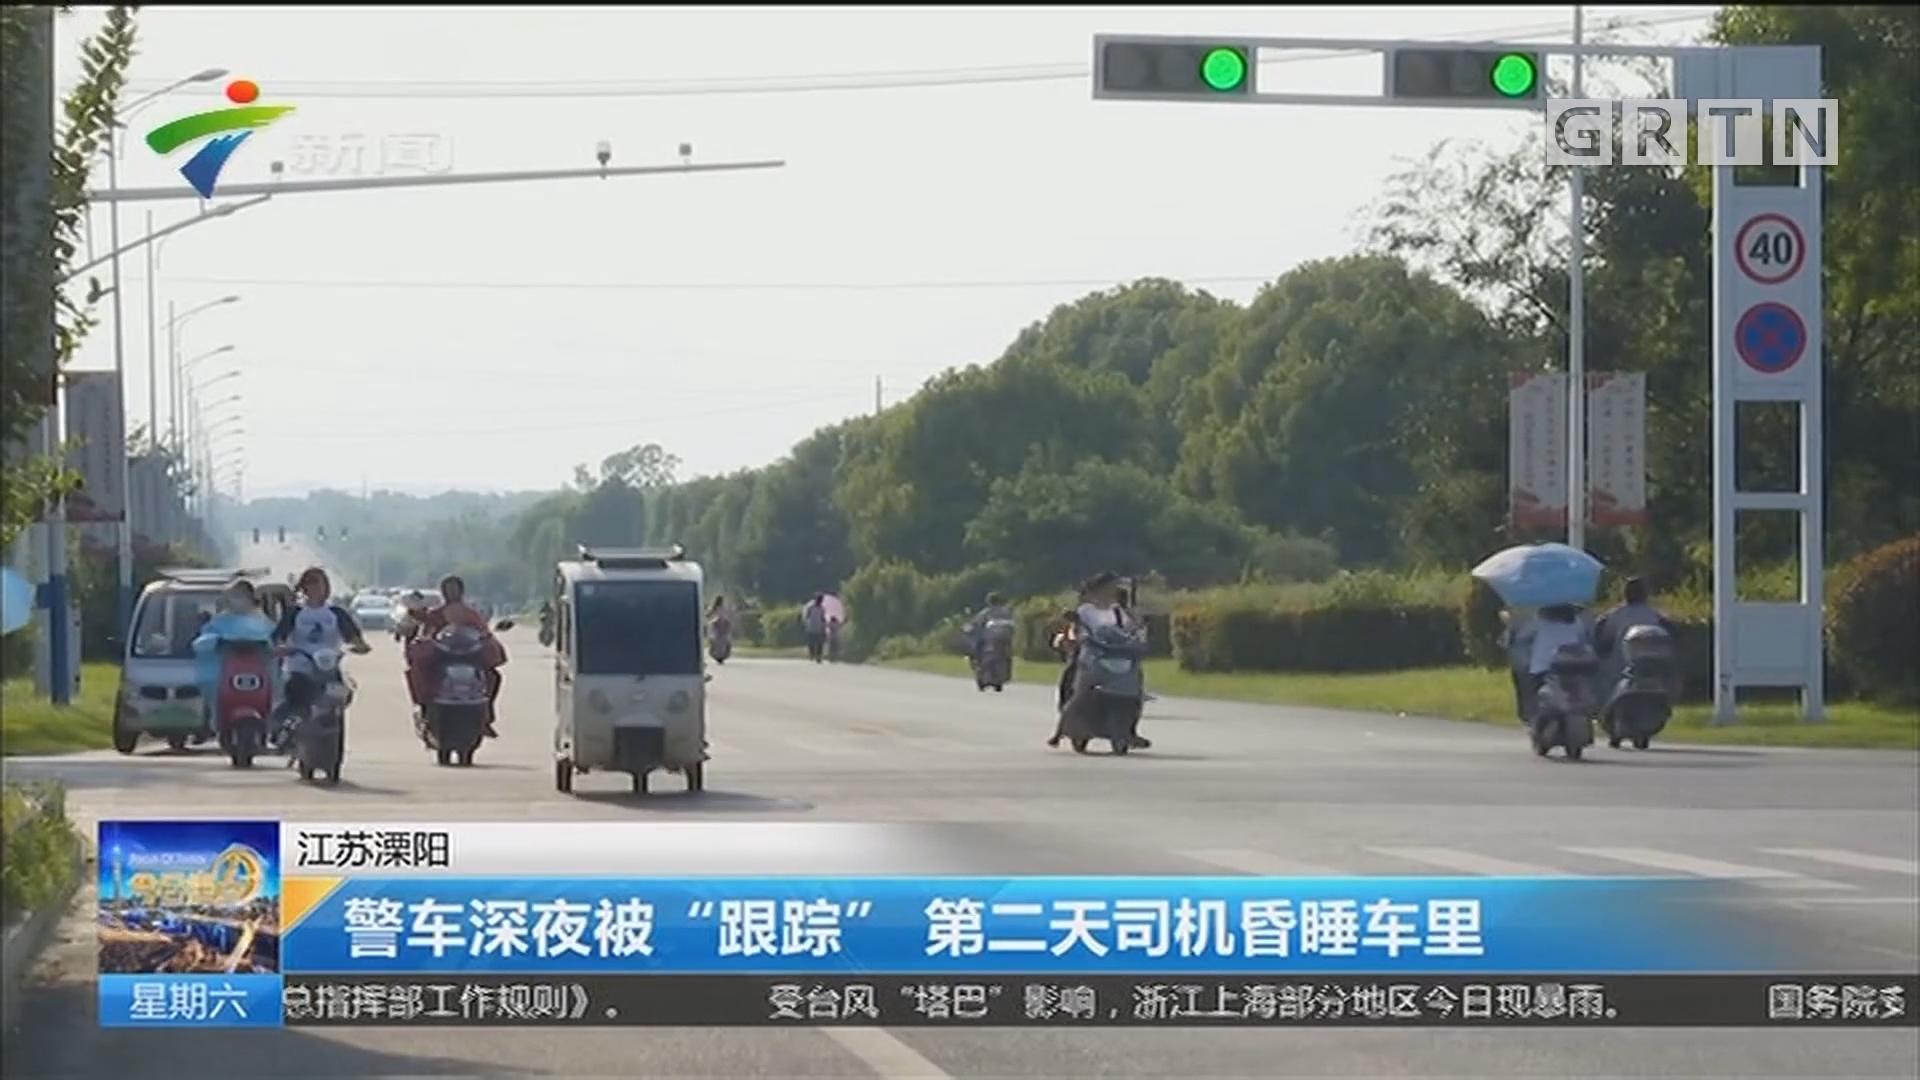 """江苏溧阳:警车深夜被""""跟踪"""" 第二天司机昏睡车里"""